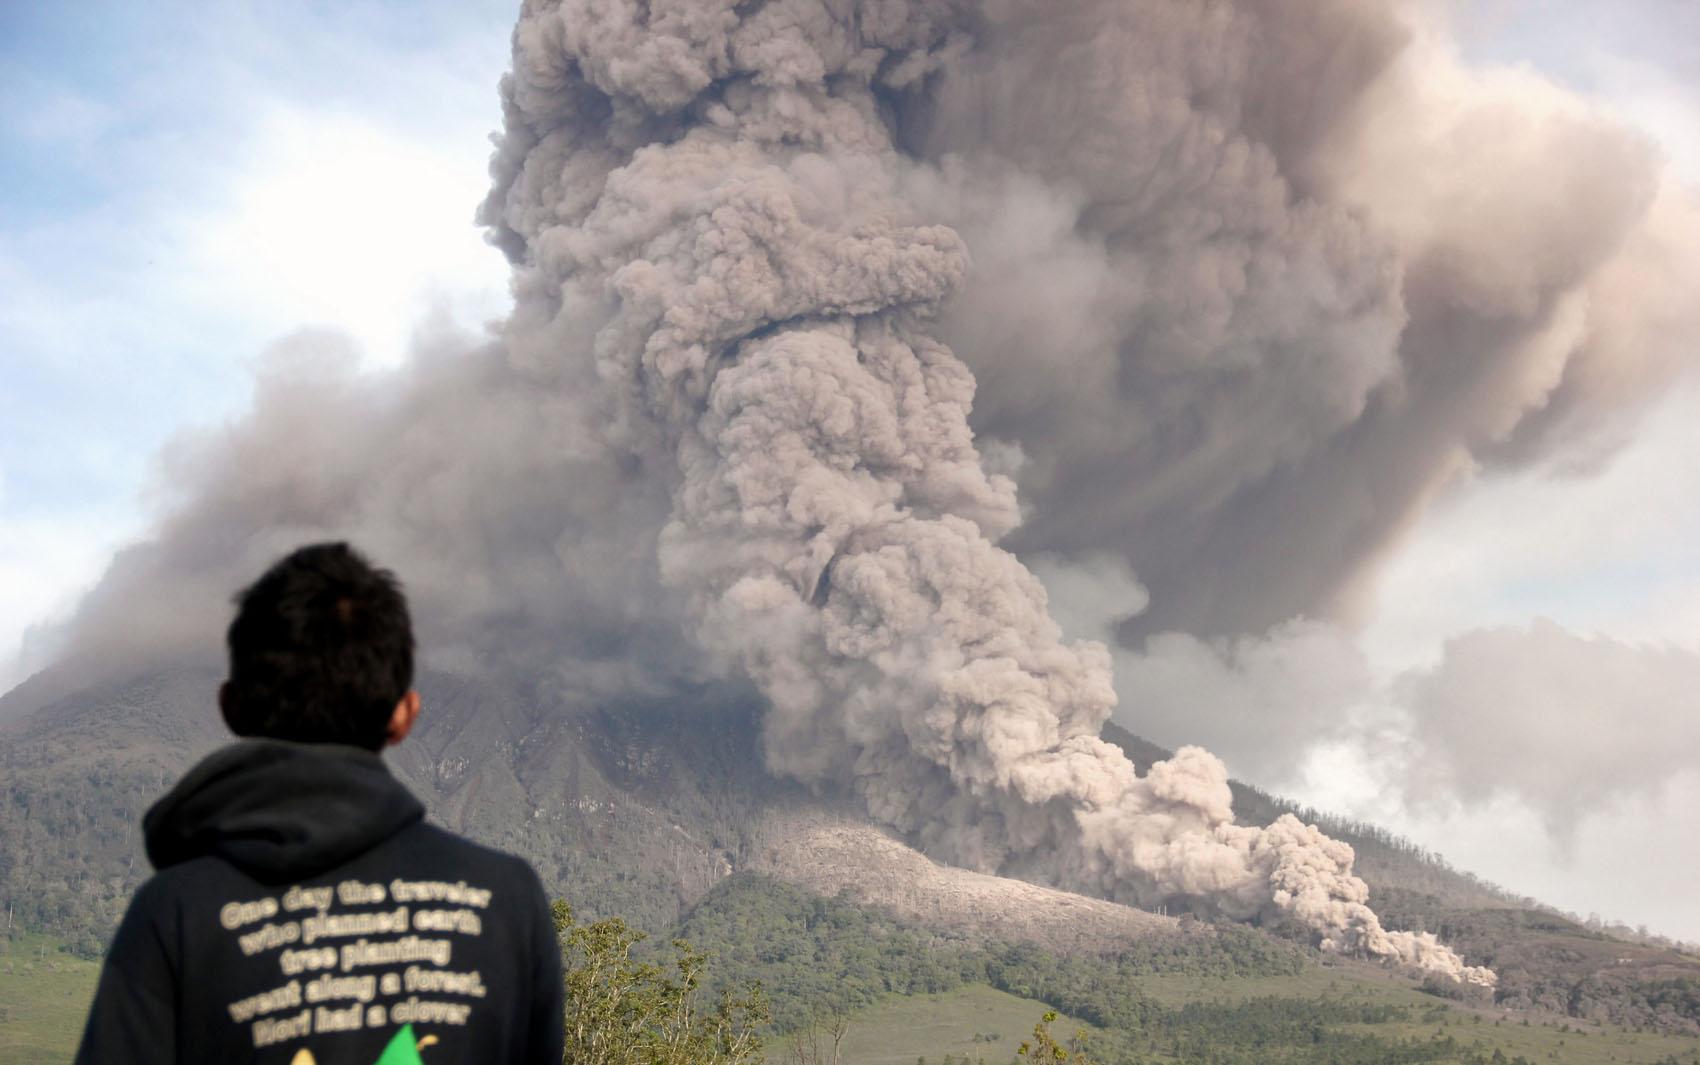 Homem observa o Monte Sinabung durante erupção no norte de Sumatra, na Indonésia.